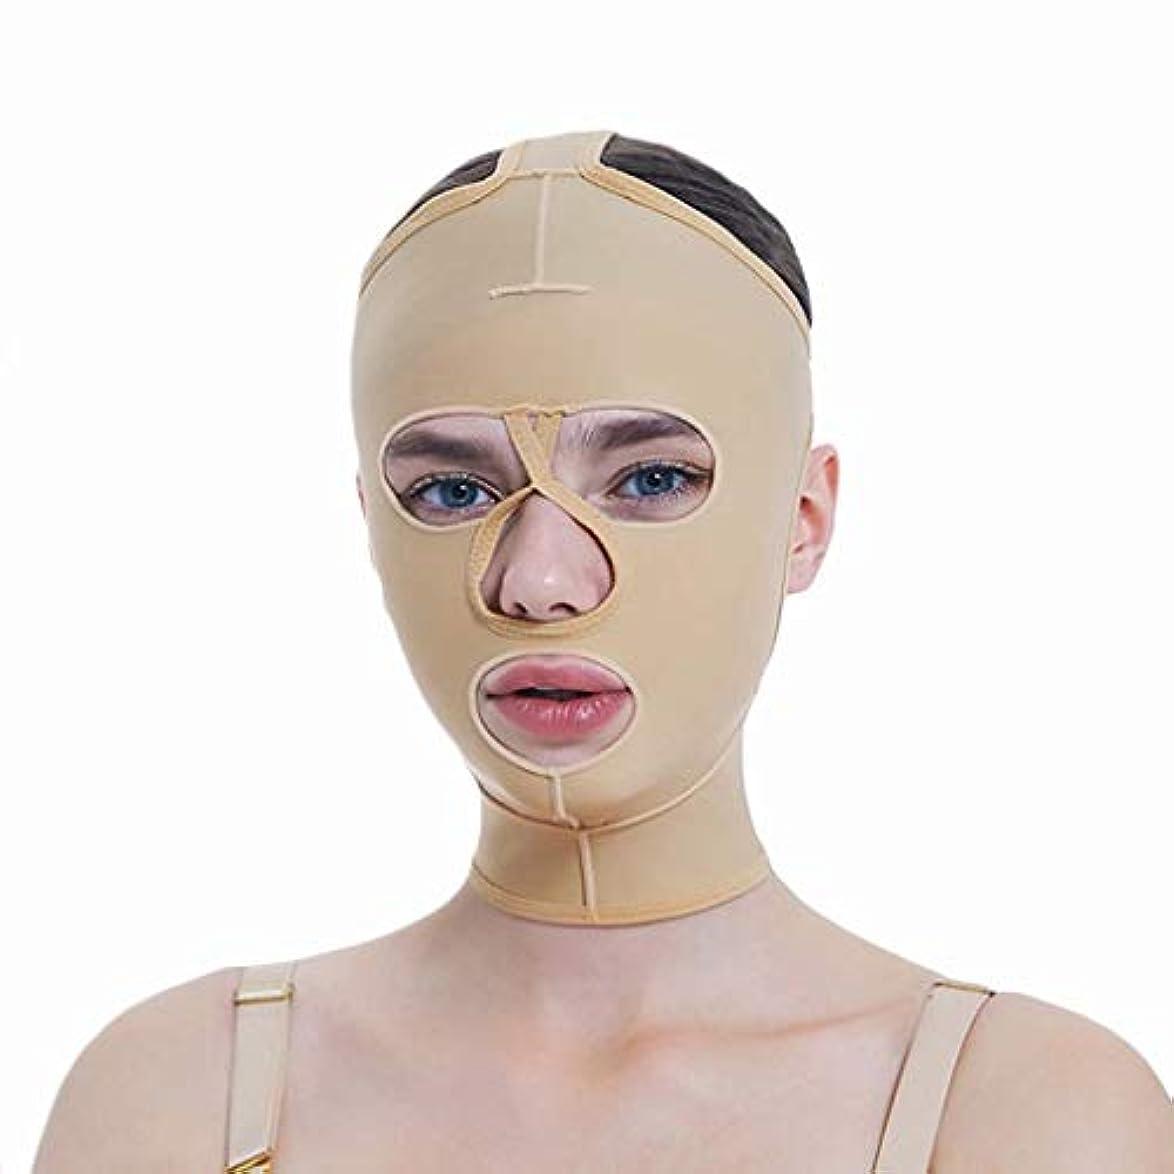 コントローラ商業の公然とフェイシャル減量マスク、フルカバレッジ包帯、フルフェイスリフティングマスク、フェイスマスク、快適で リフティングシェーピング(サイズ:S),M